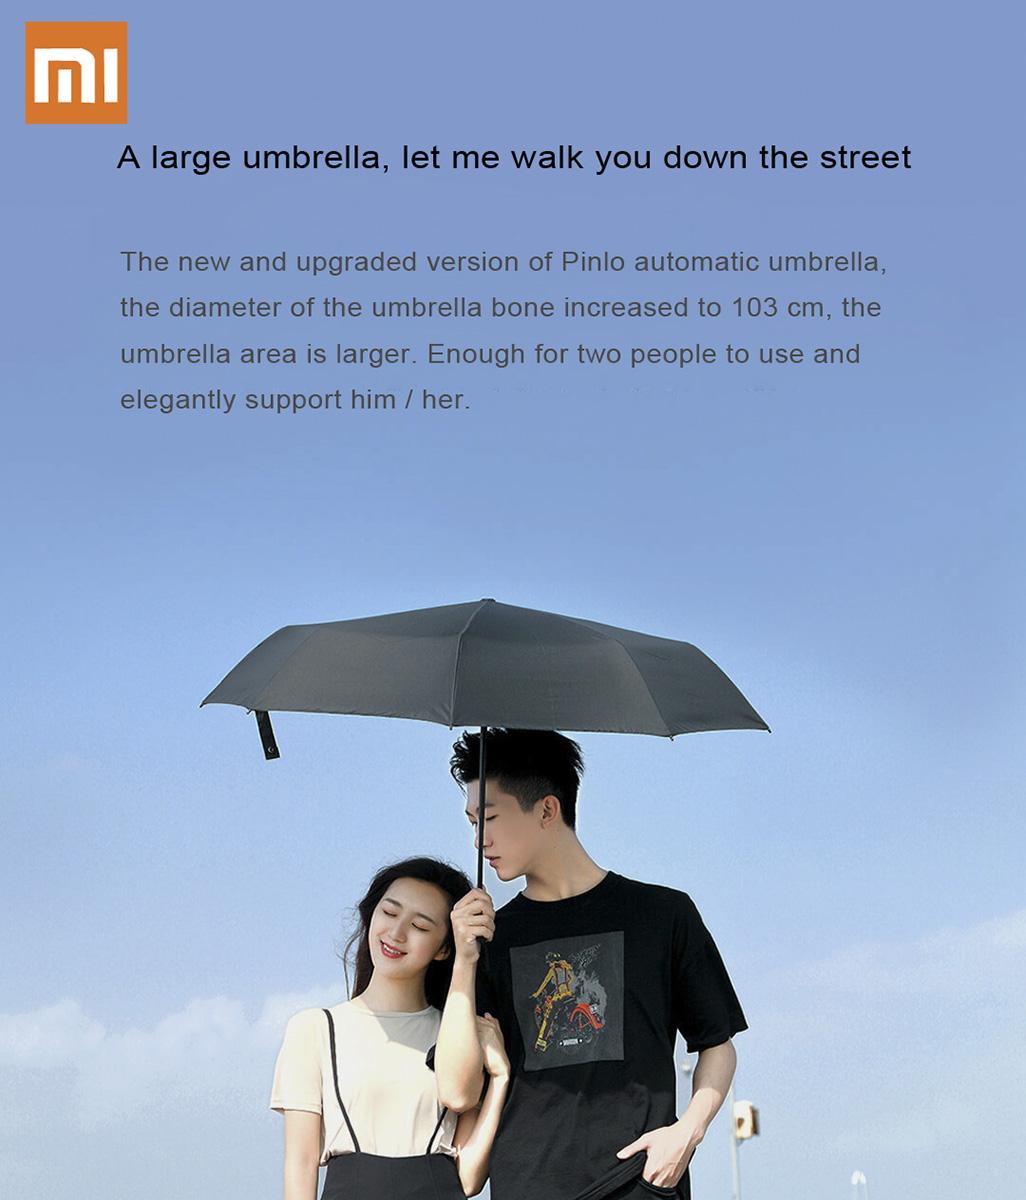 چتر شیائومی با ابعاد بزرگ